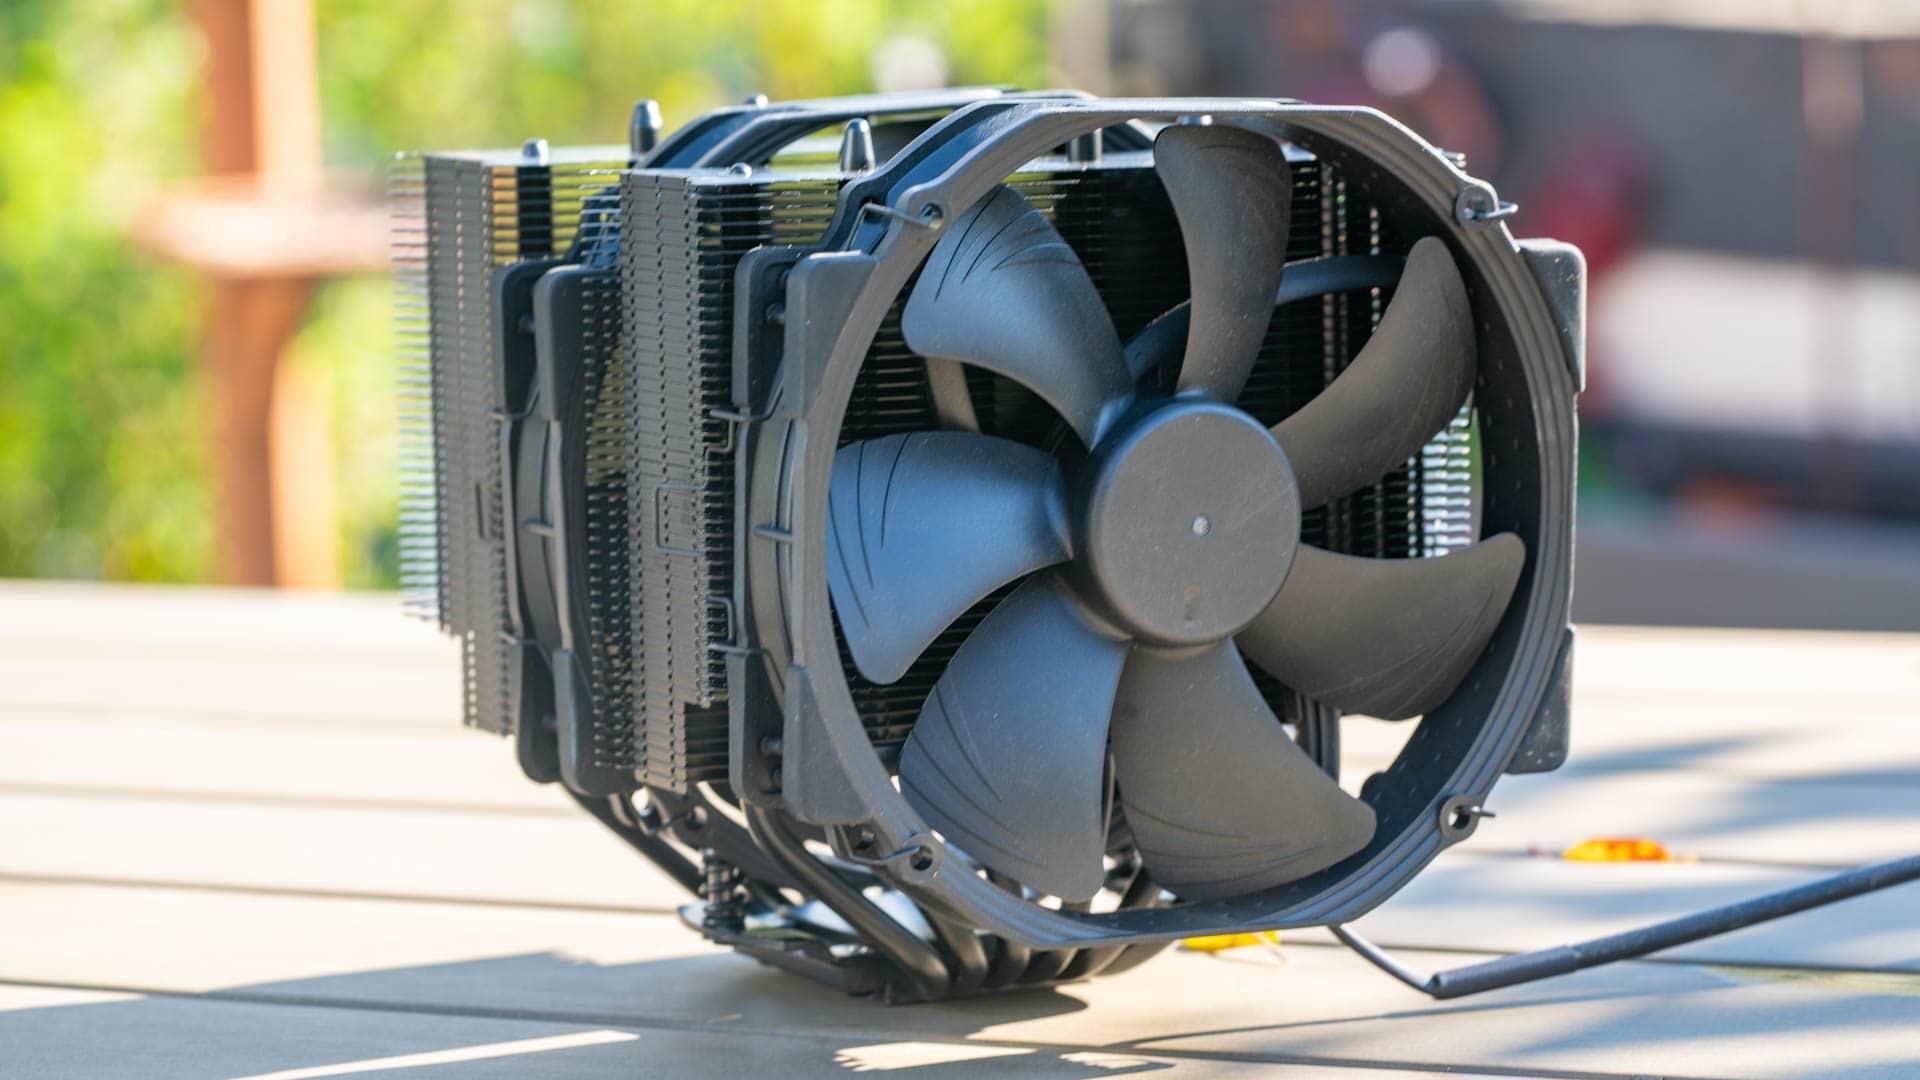 Der Noctua NH-D15 chromax.black im Test, der vermutlich beste Luftkühler auf dem Markt!